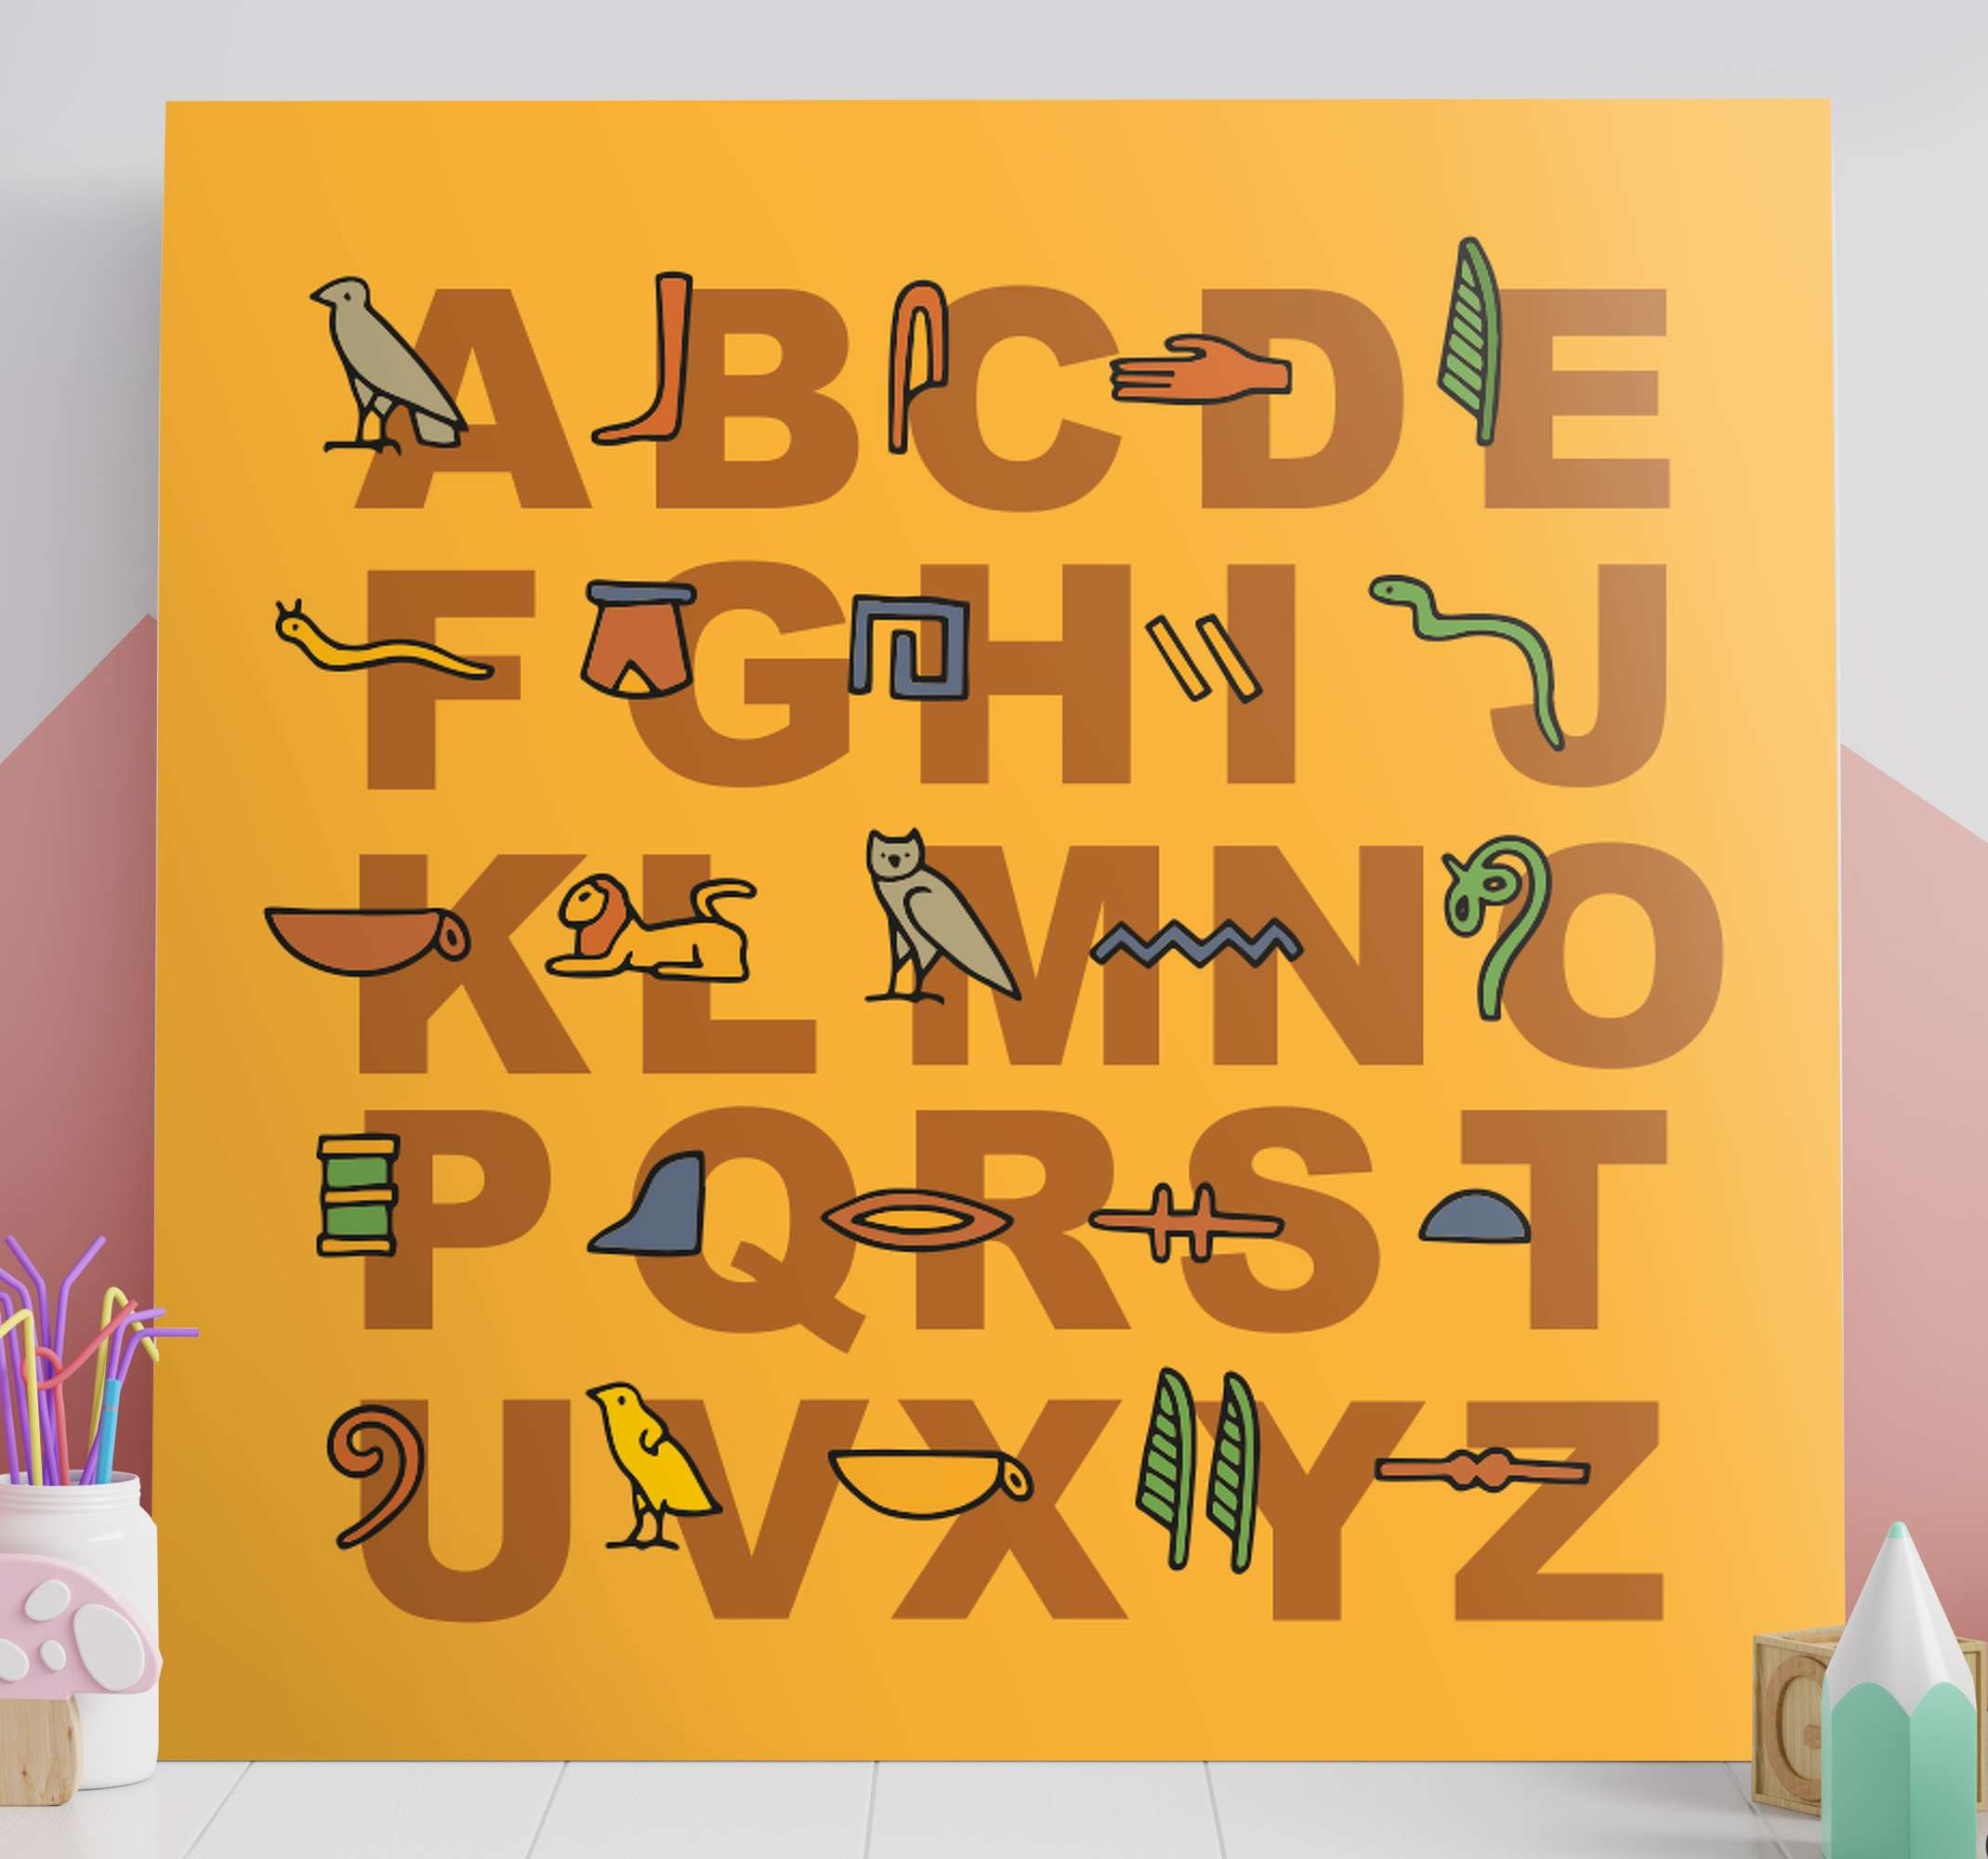 TenStickers. египетский алфавит письмо холст стены искусства. Здесь у нас есть цитата из холста, на котором изображен египетский алфавит на оранжевом фоне. добавьте его в корзину сейчас!